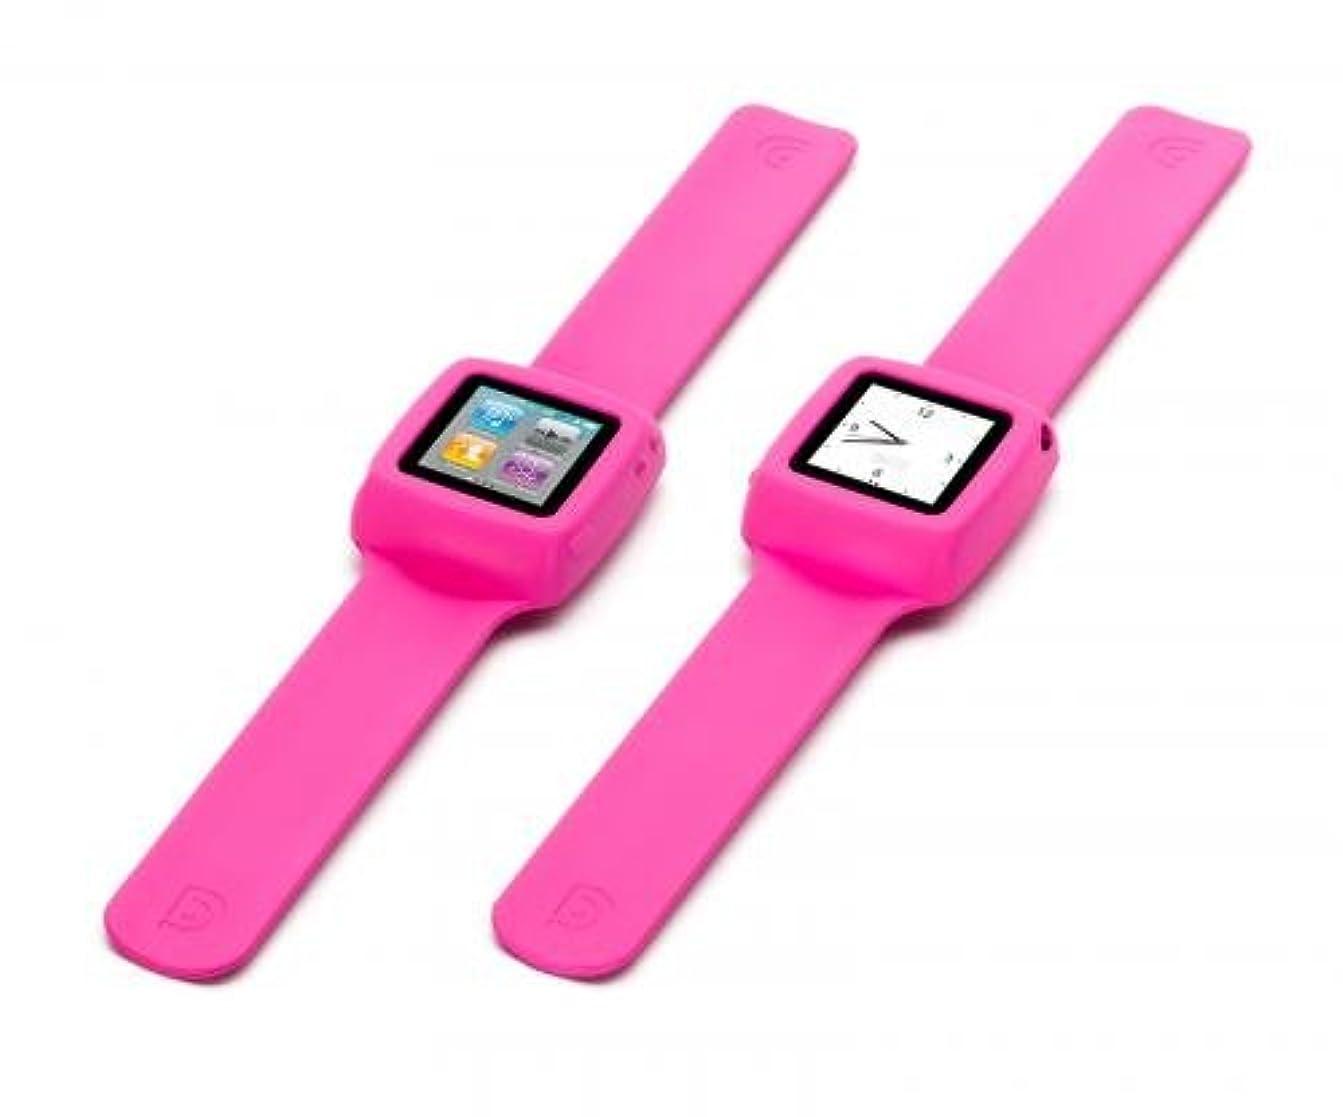 上昇インデックスオリエンテーションGriffin Technology Slap for iPod nano (6th generation) Pink